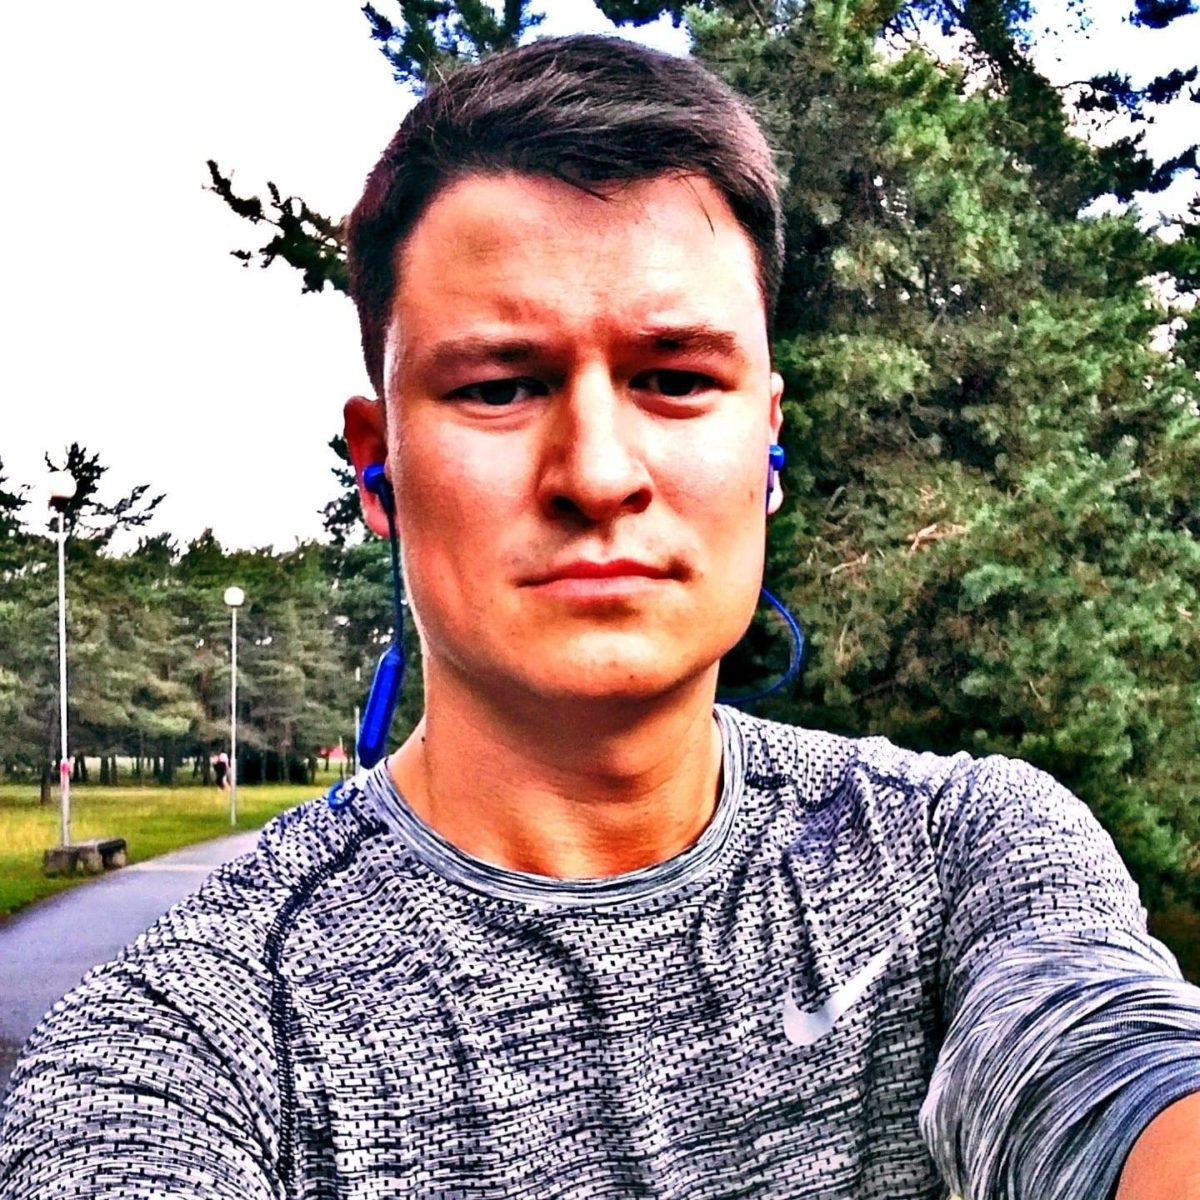 Igor Krushelnitski